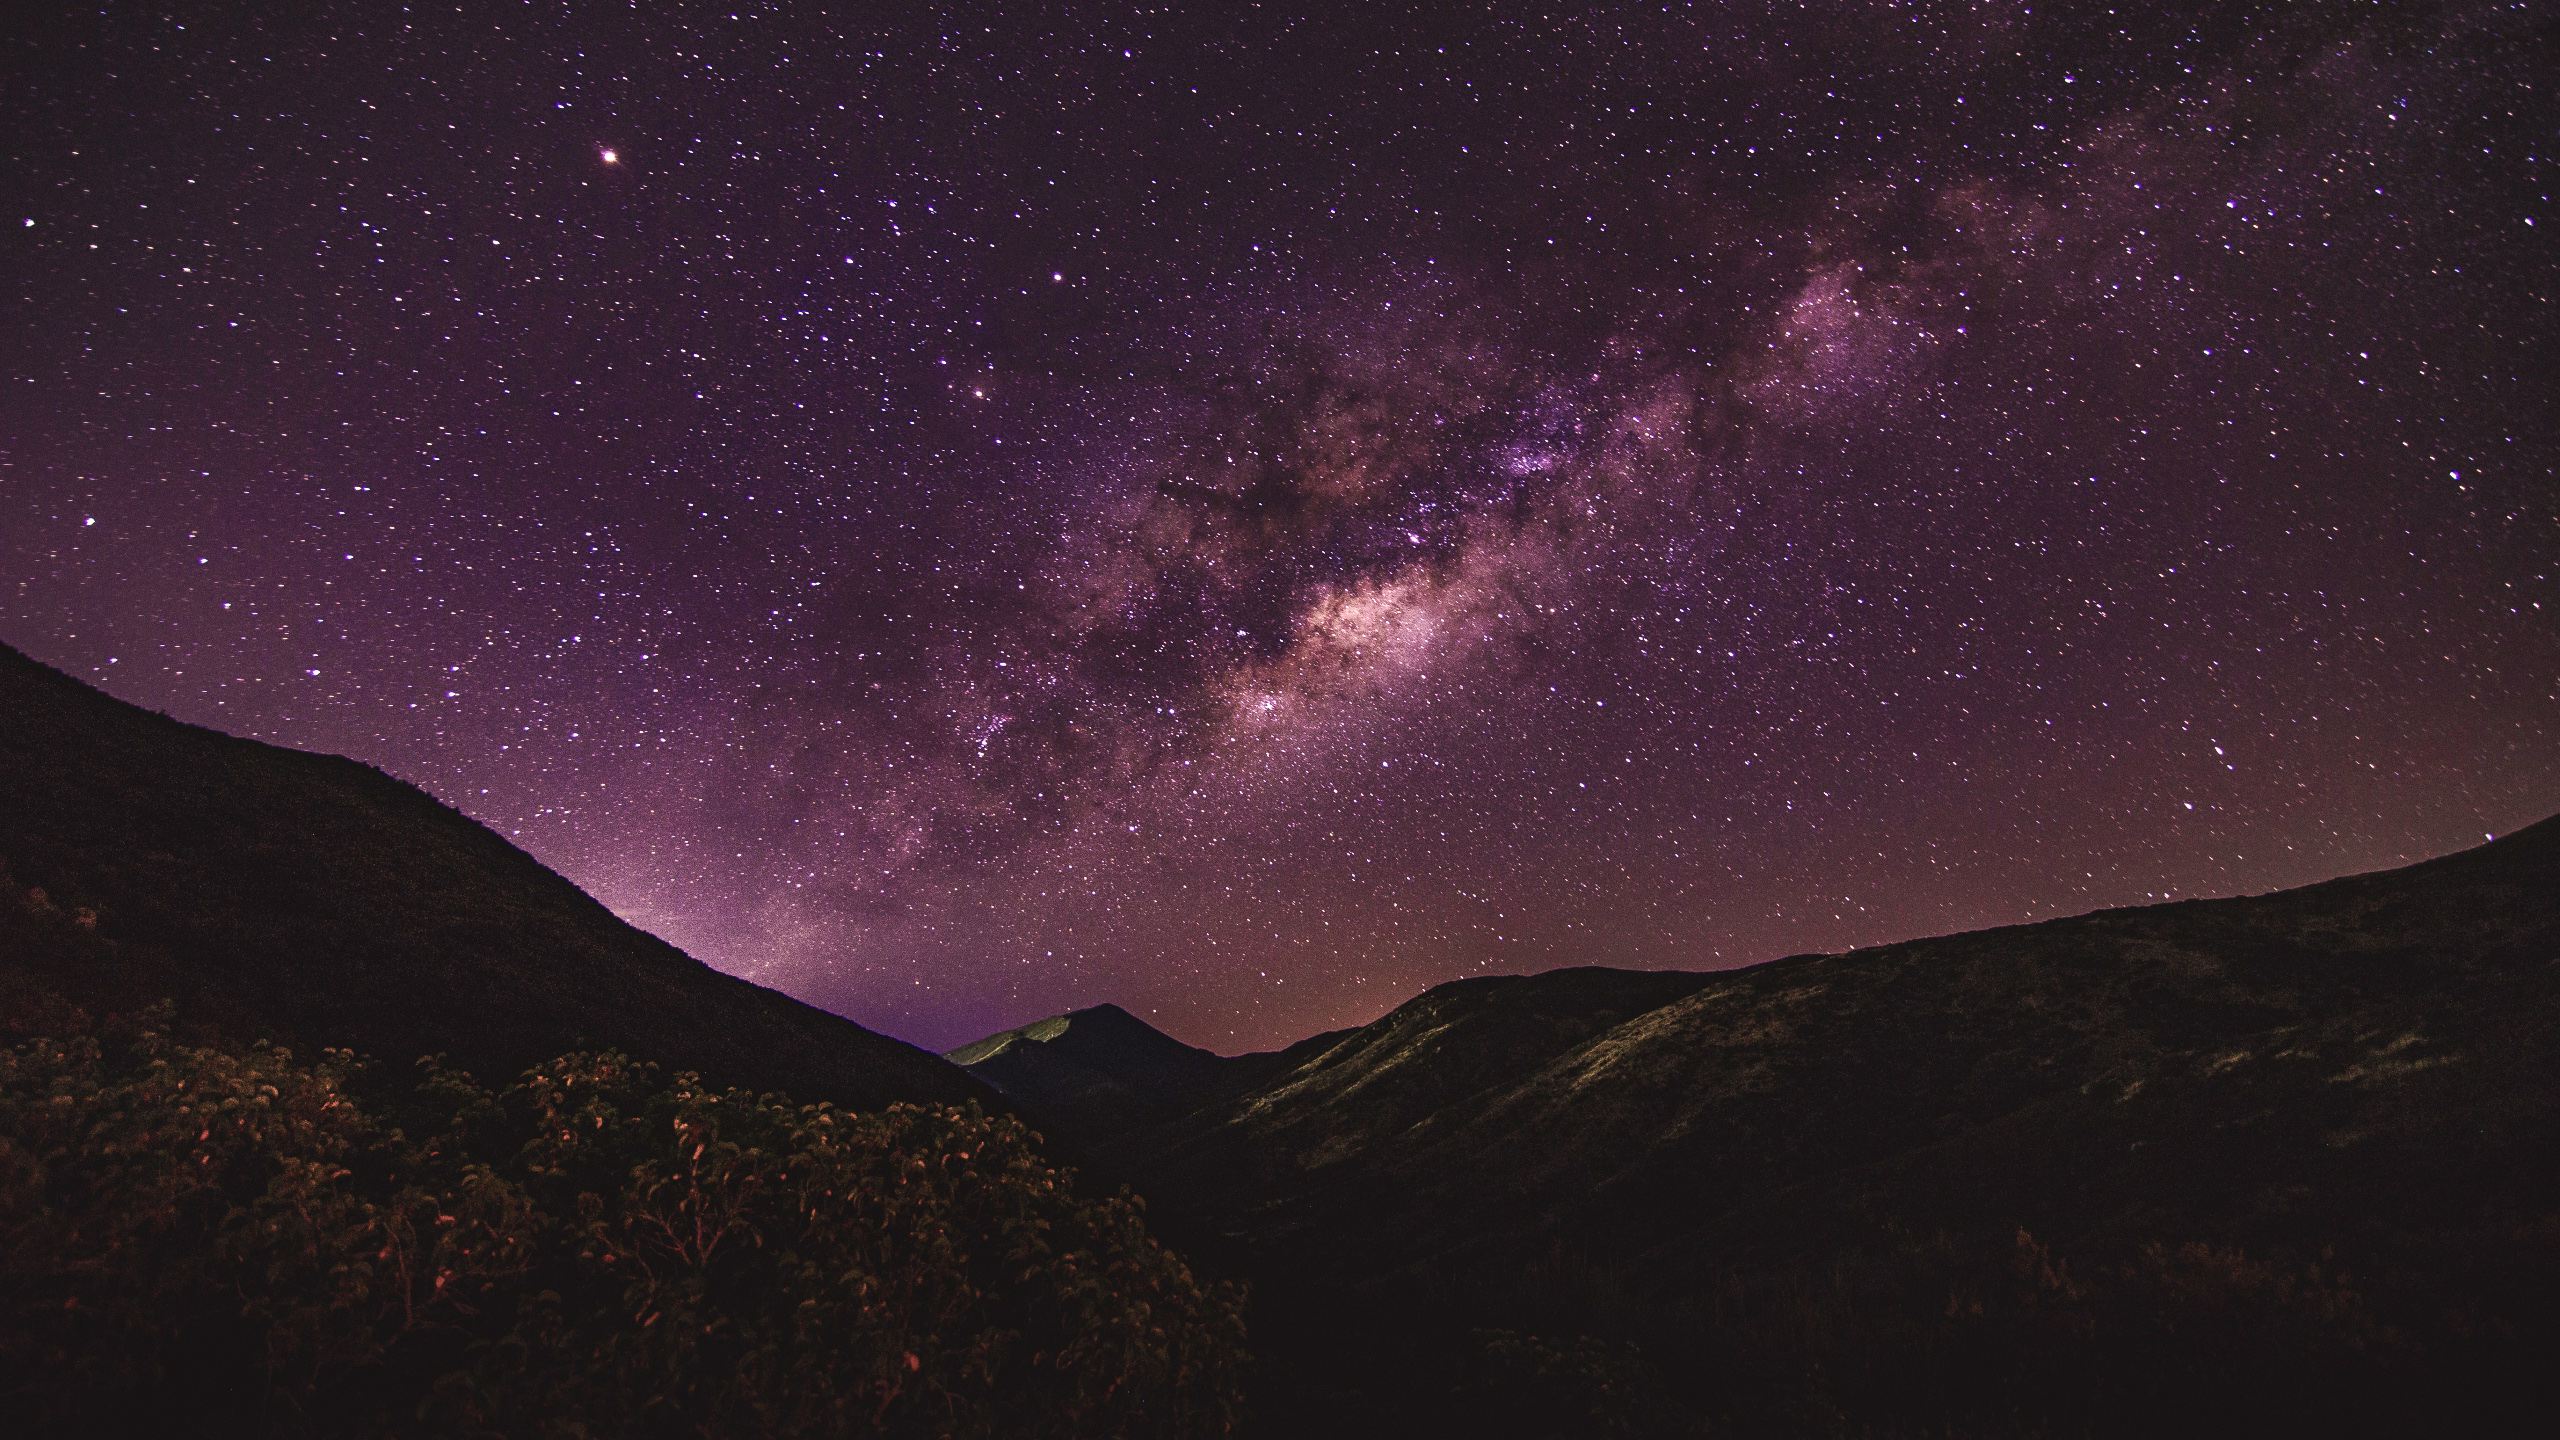 HDoboi.Kiev.ua - Космос, галактика, горы, Звездное небо в горах, млечный путь обои для айфона